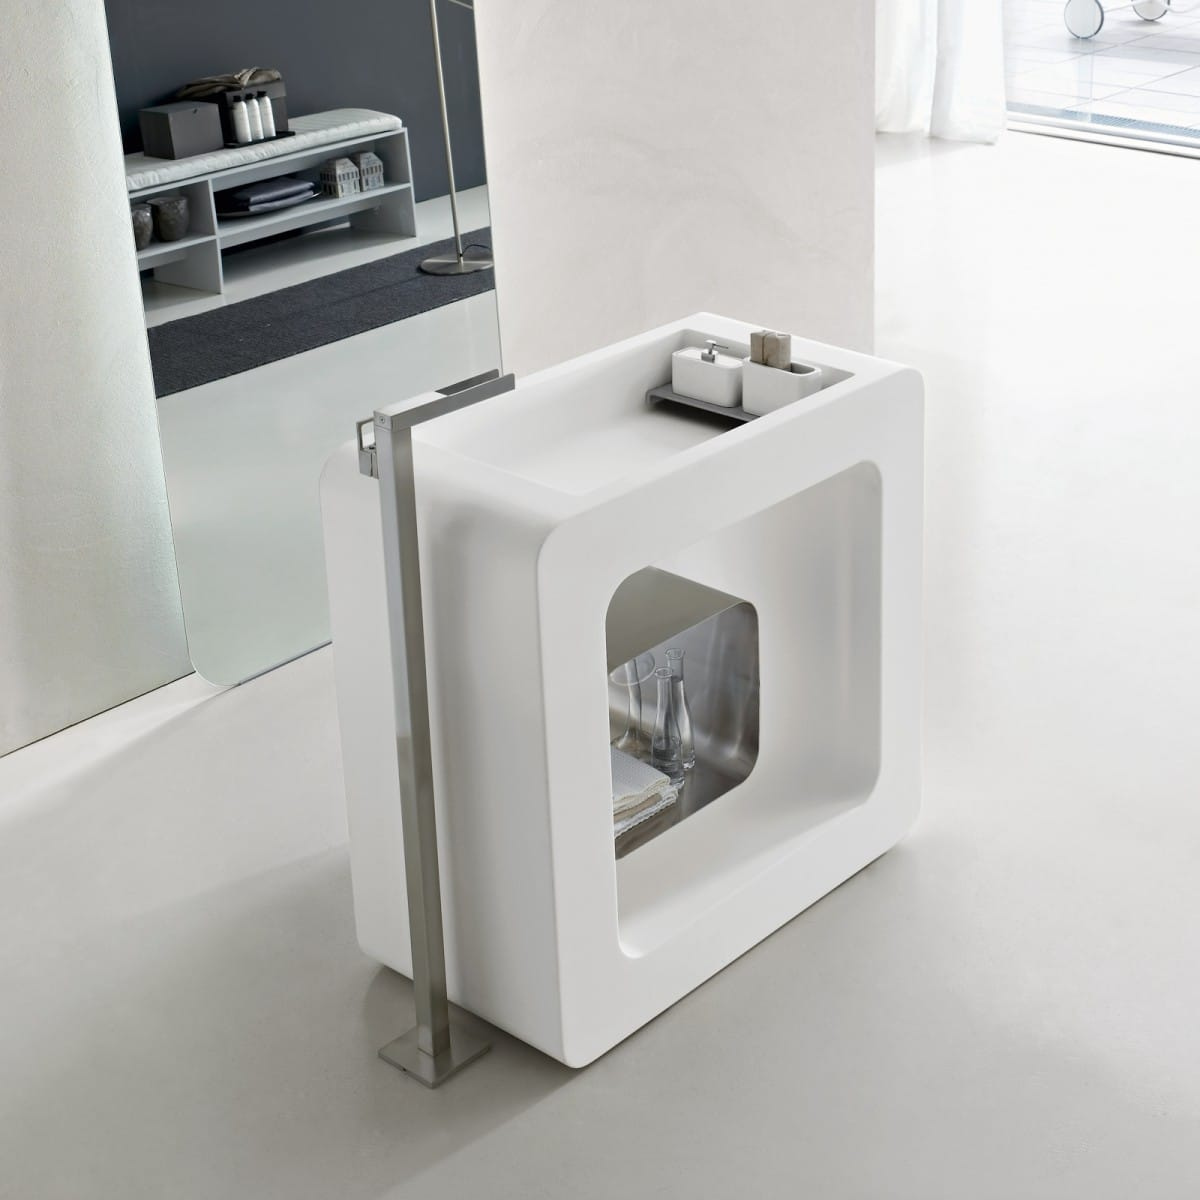 Grifos Modernos Cuarto De Baño  seattle